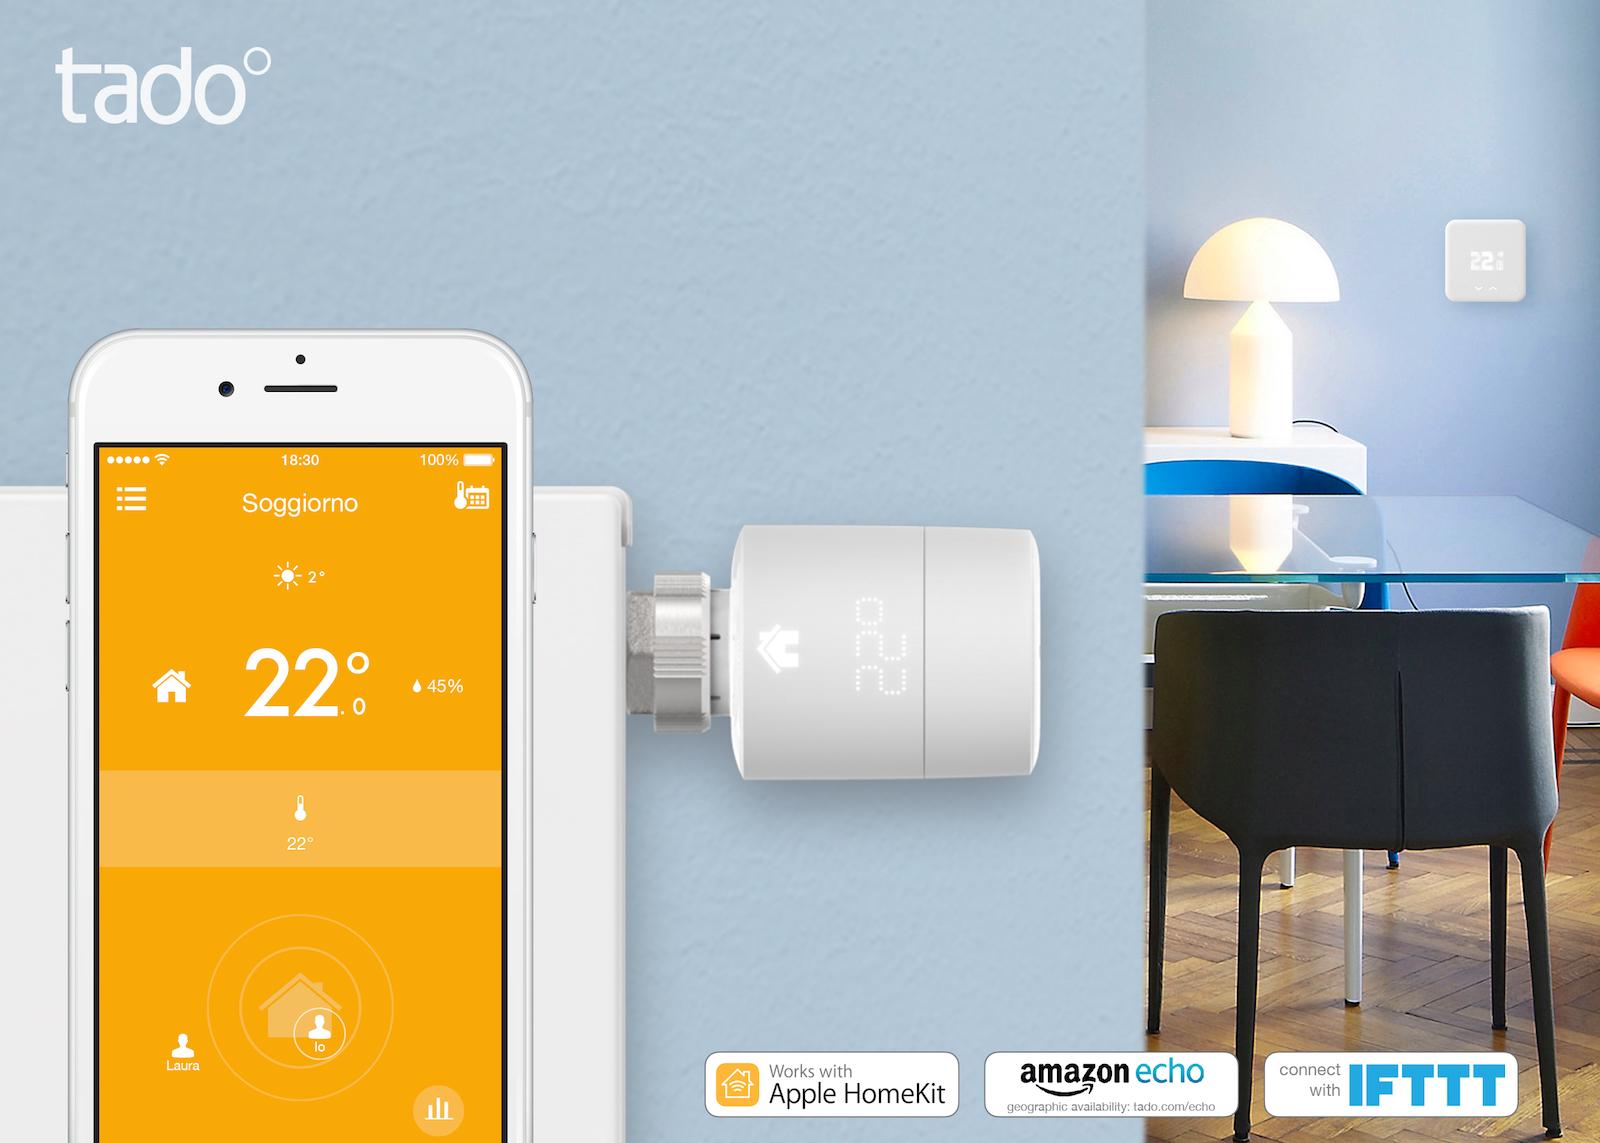 tado° compatibili homekit valvole termostatiche intelligenti